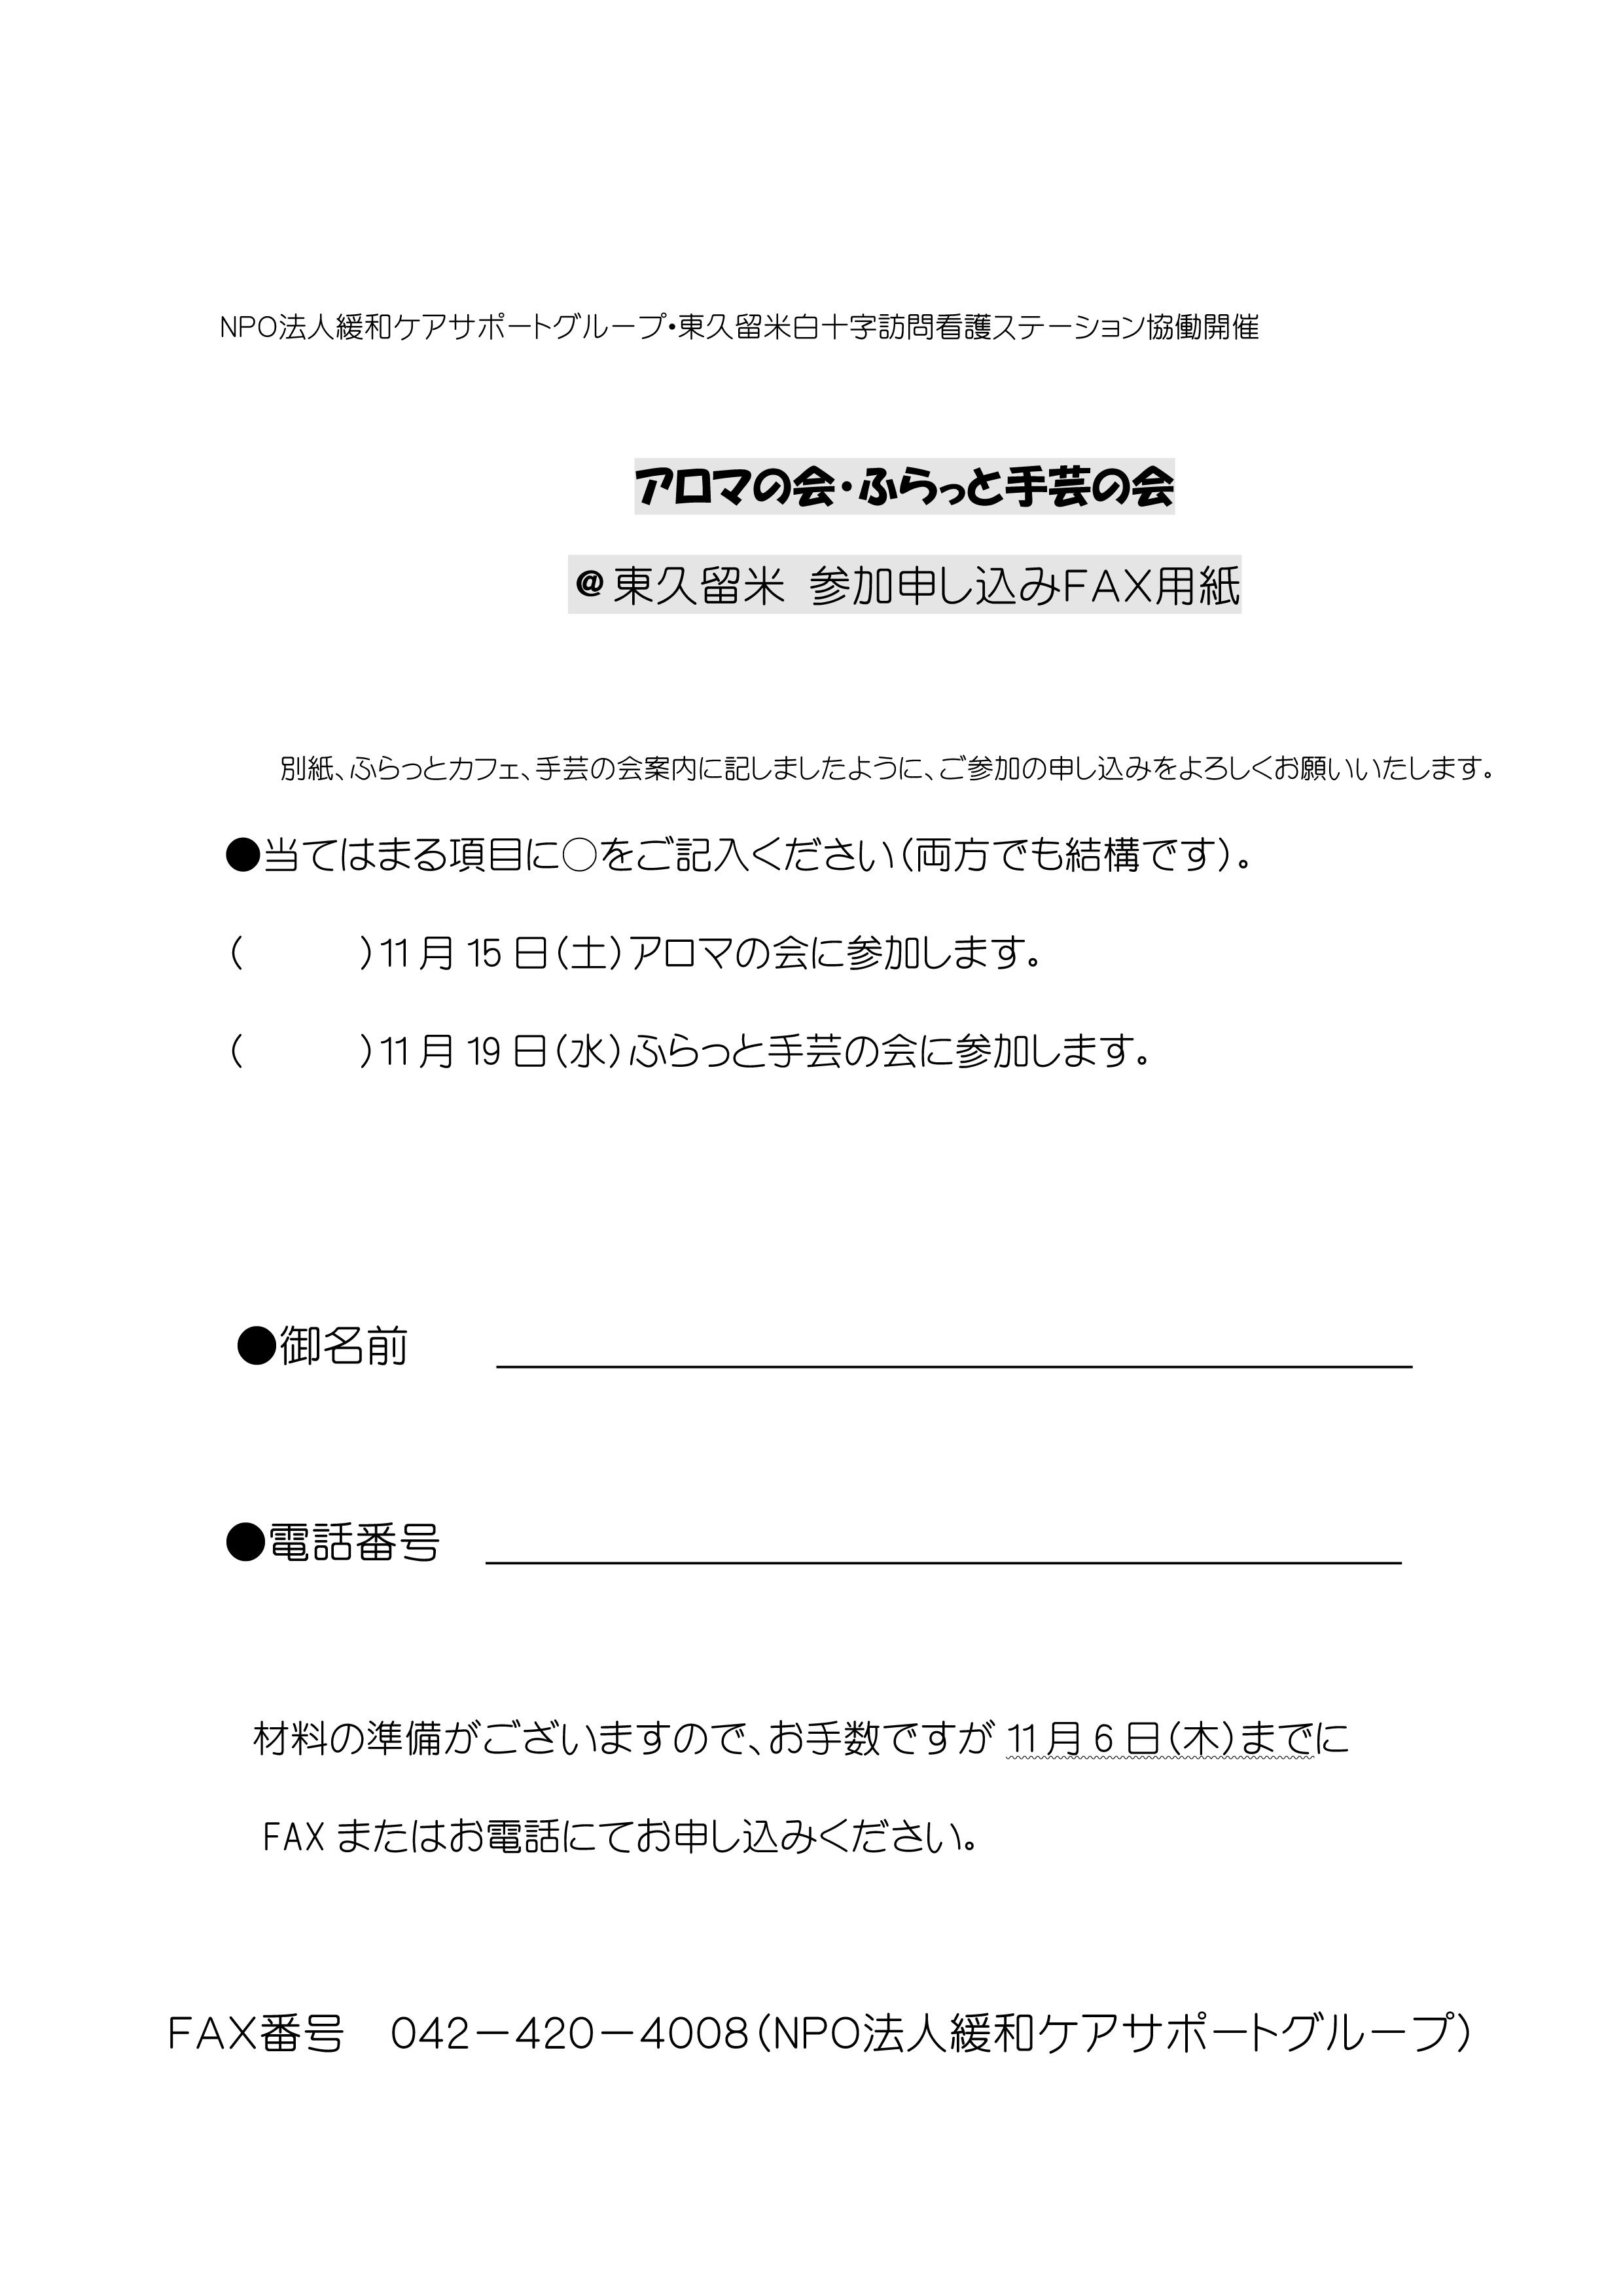 第10回ふらっと手芸の会 @ 東久留米へのお誘い_e0167087_1653994.jpg